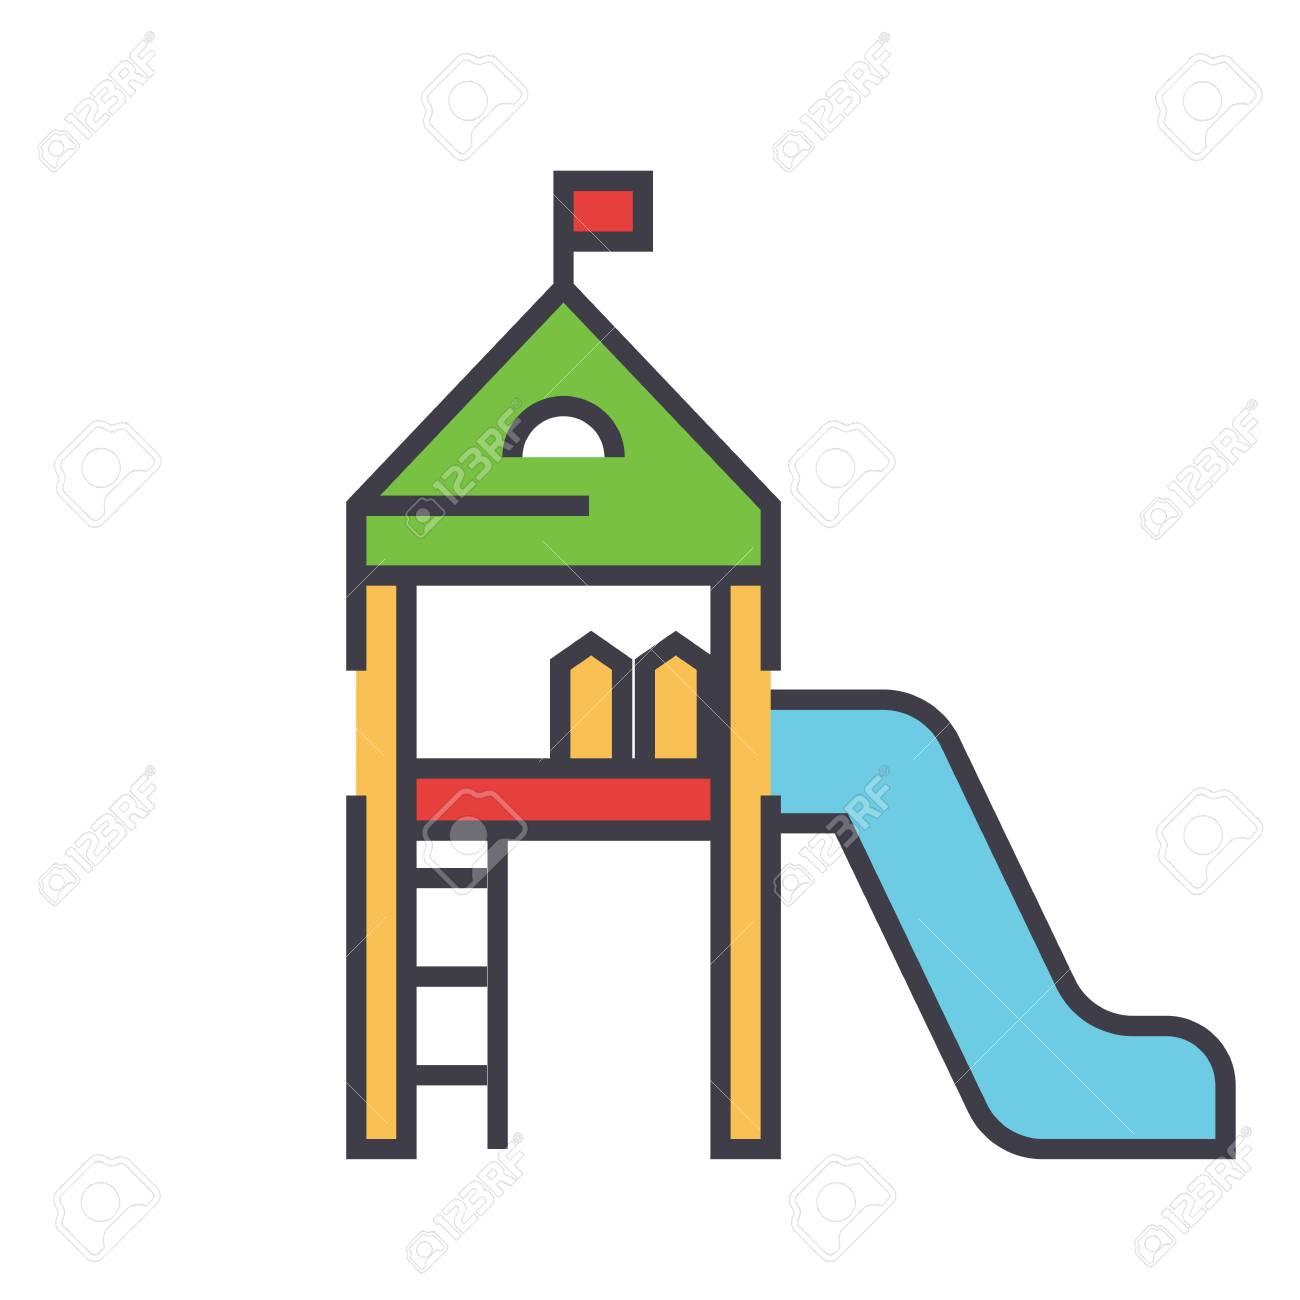 Matériel De Jeux Pour Enfants, Maison D'enfants, Concept De Maternelle.  Icône De Vecteur De Ligne. Avc Modifiable Illustration Linéaire Plat Isolé  Sur intérieur Jeux Maternelle En Ligne